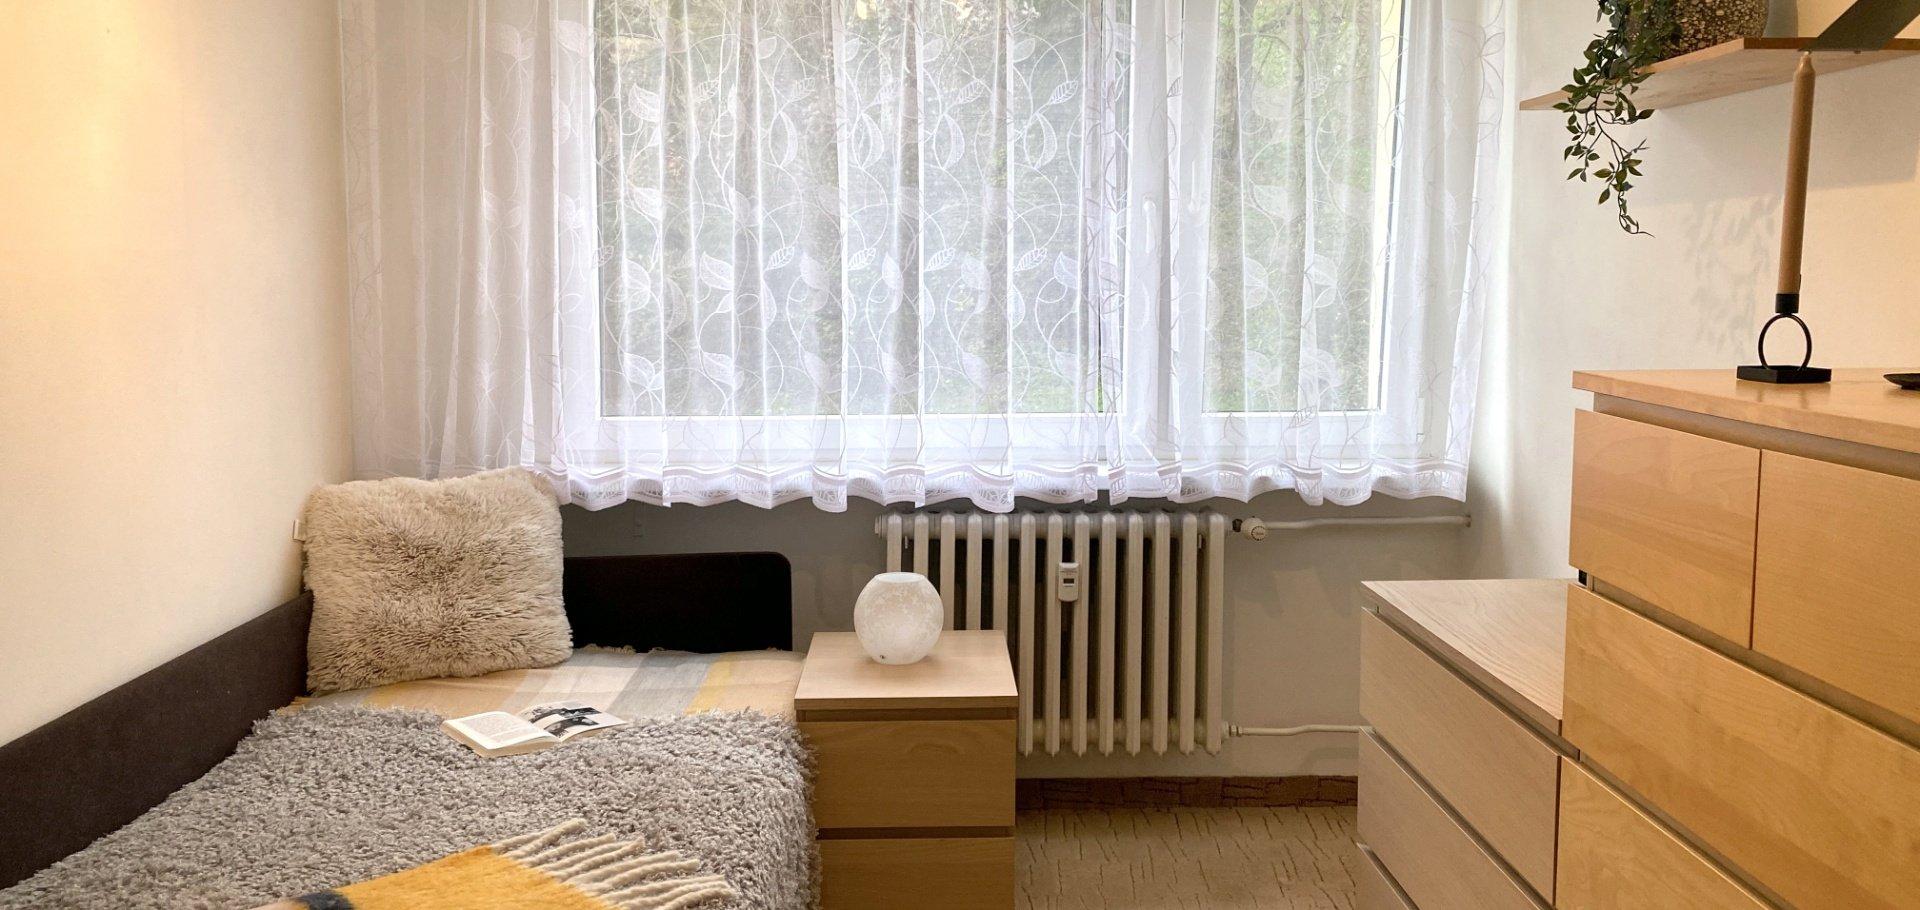 Zrekonstruovaný byt 3+1 se zasklenou lodžií, sklepem a komorou